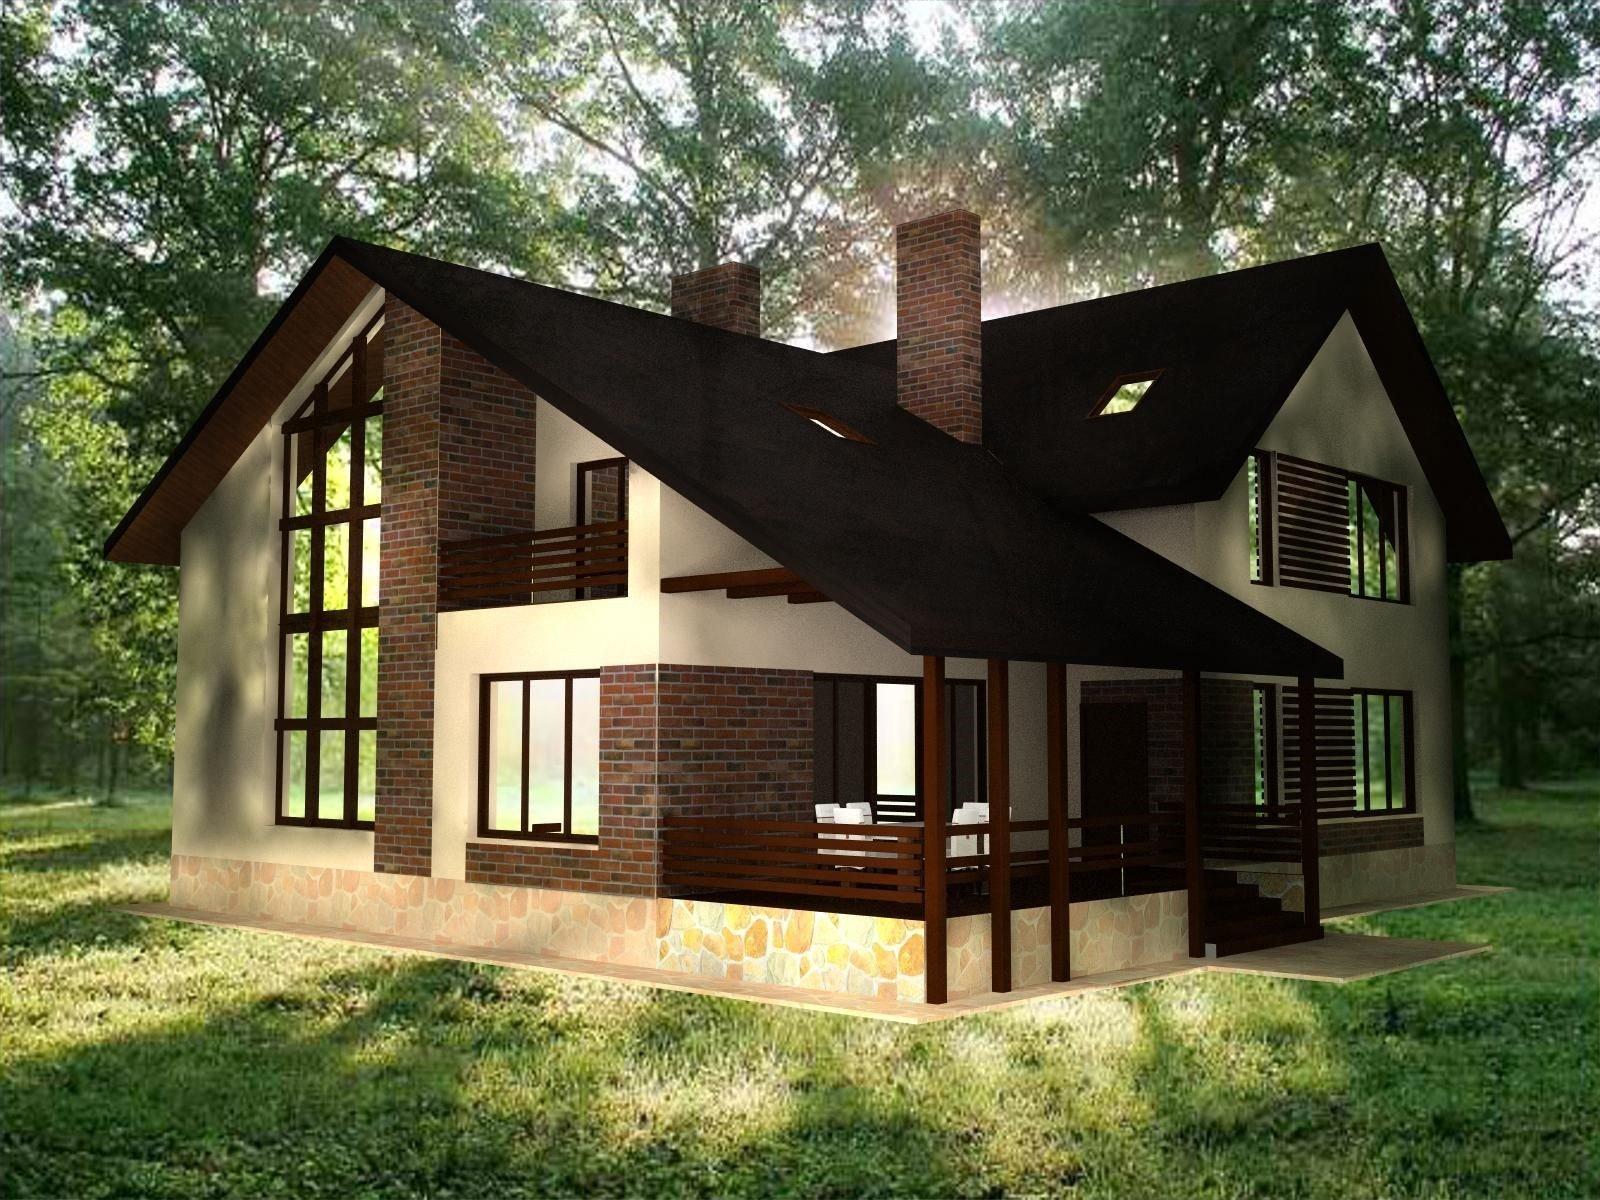 При подборе материала для отделки дома учитывают, насколько гармонично он впишется в ландшафт